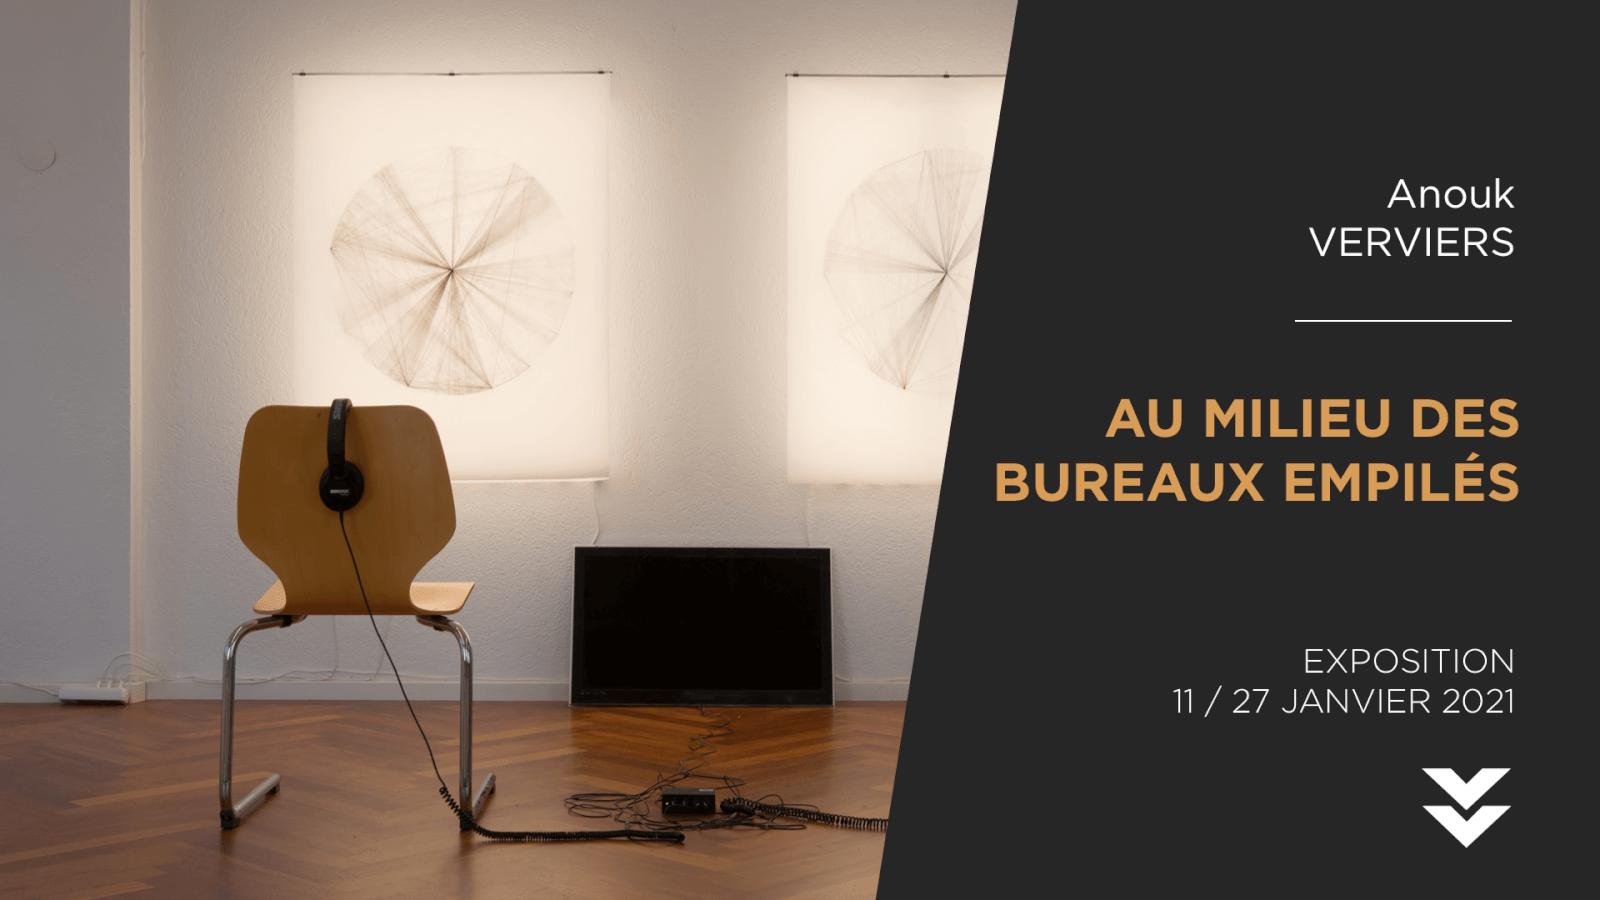 AU MILIEU DES BUREAUX EMPILES   Installation   Anouk VERVIERS